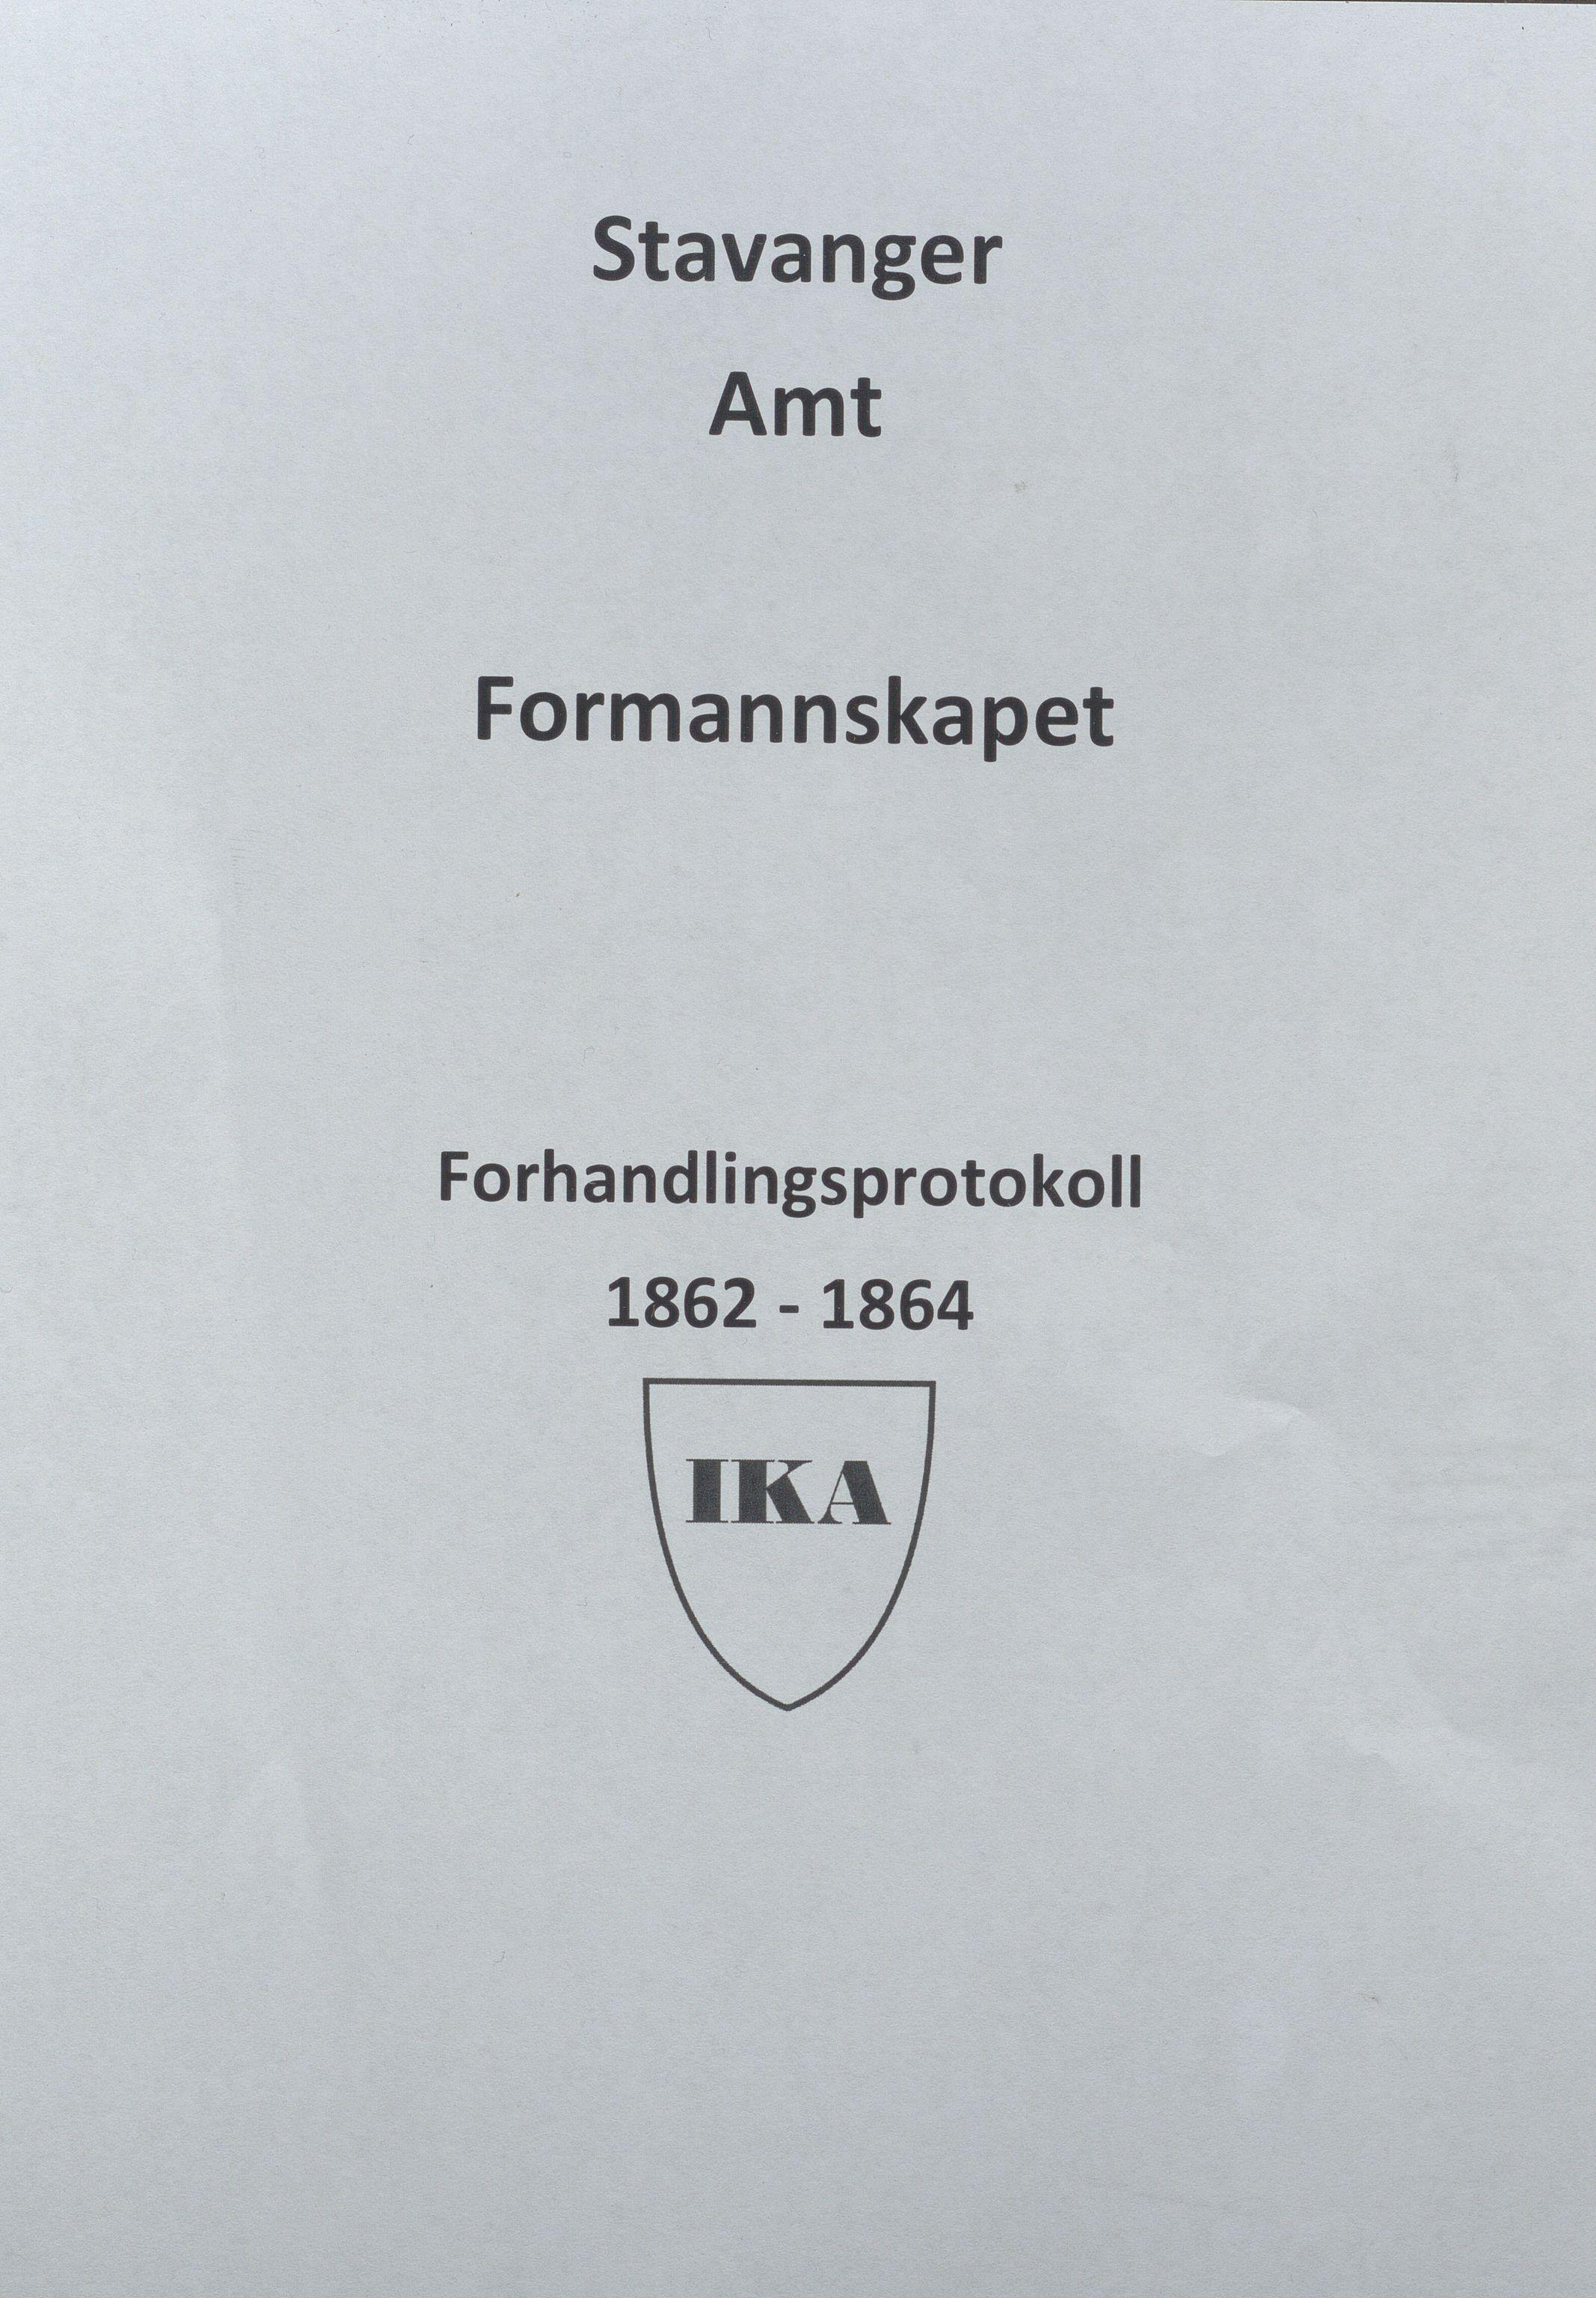 IKAR, Rogaland fylkeskommune - Fylkesrådmannen , A, 1862-1864